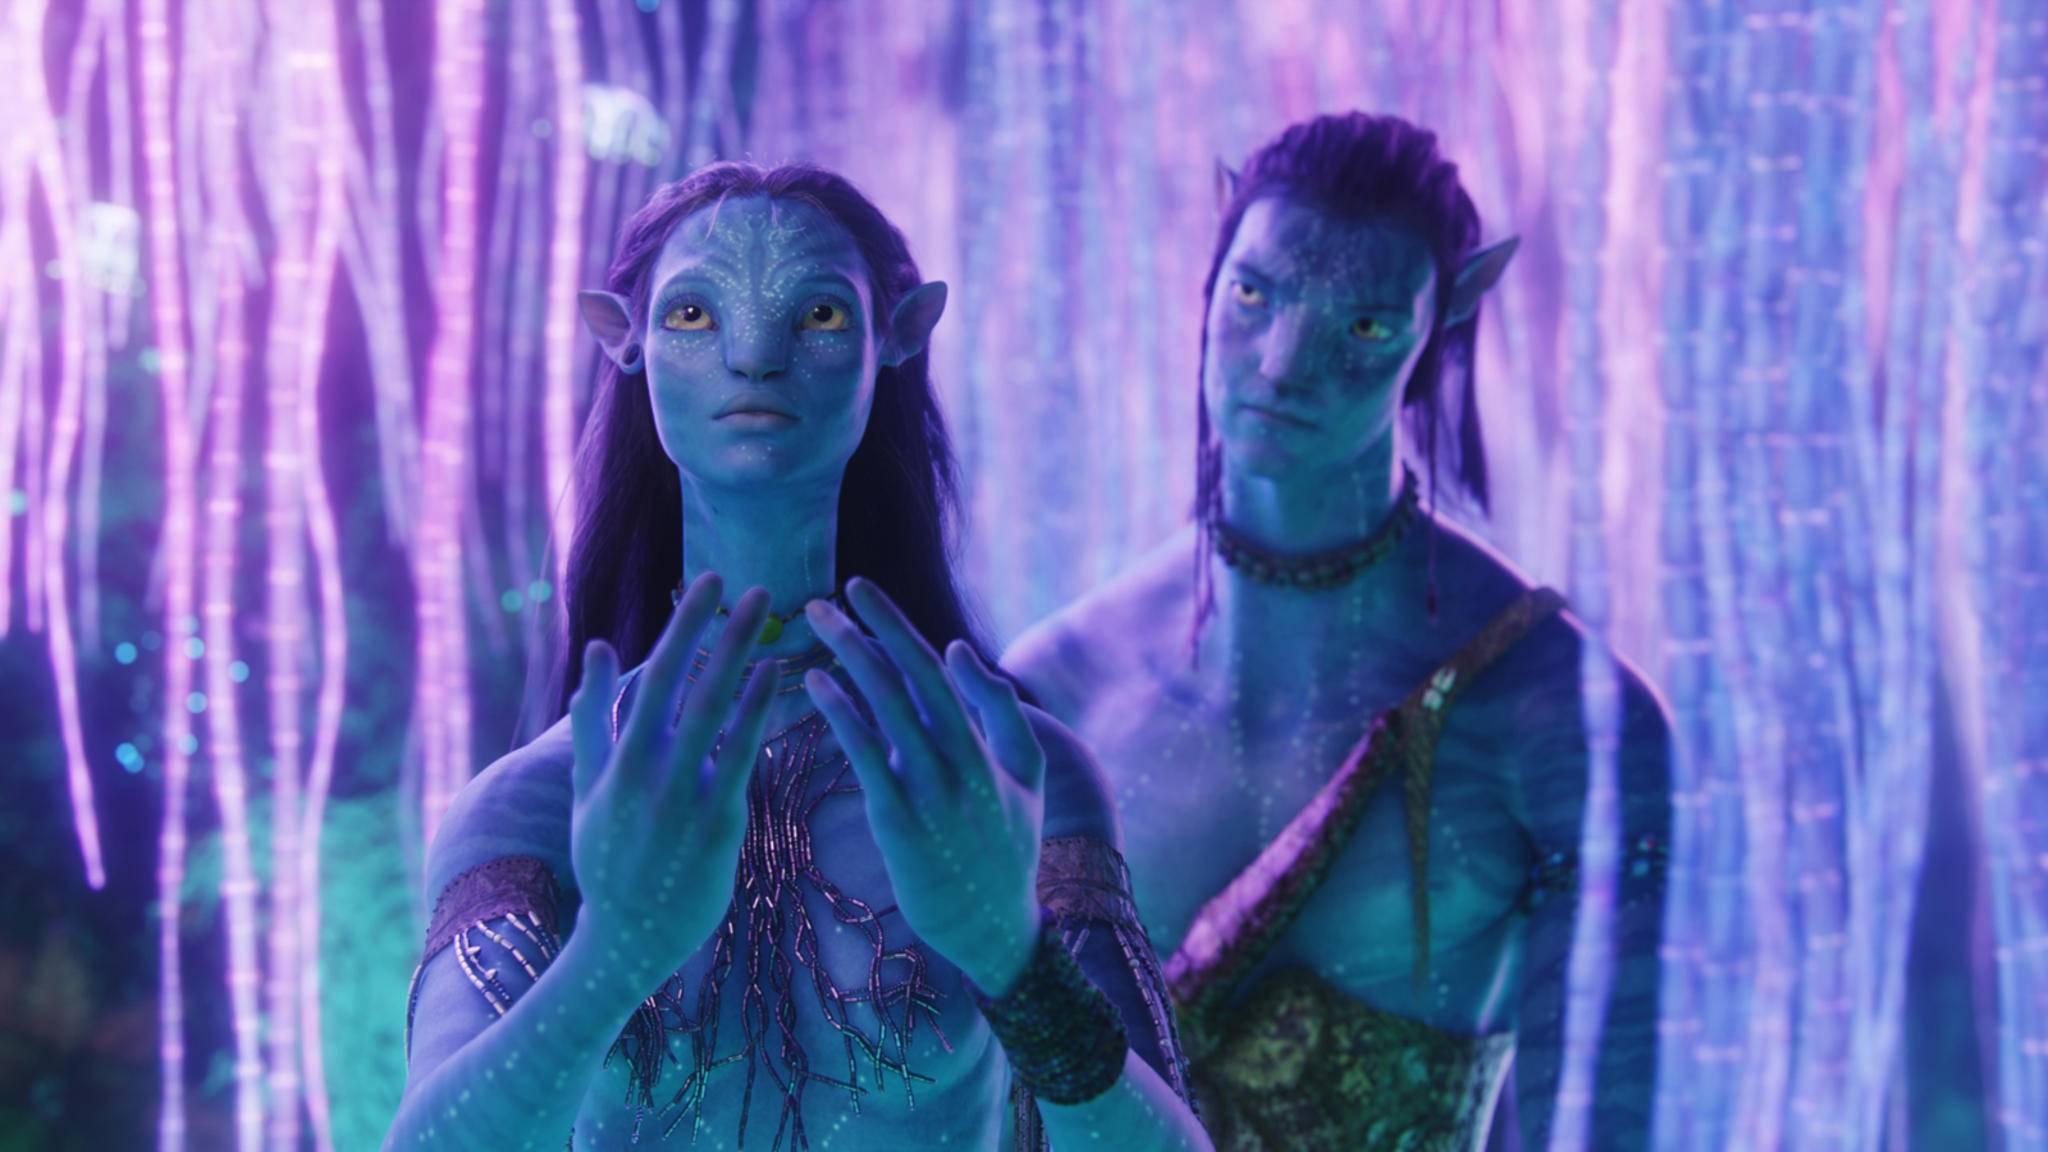 """Mit """"Avatar 2"""" geht die Geschichte um die Na'vi auf Pandora in die nächste Runde."""